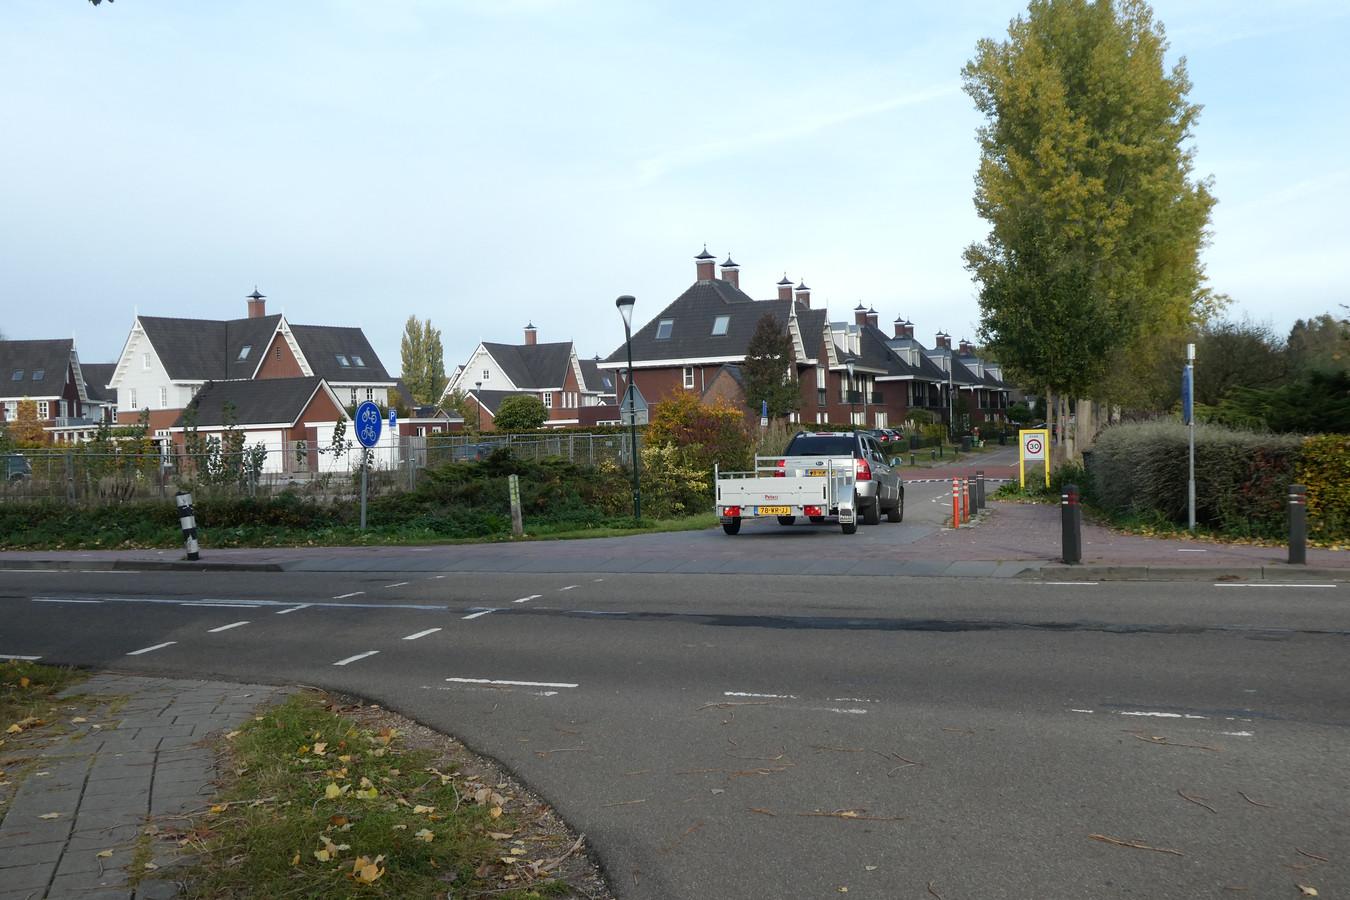 De hoek Schijndelseweg/Vestdijkstraat in Sint-Michielsgestel. Voor leerlingen van Gymnasium Beekvliet een gevaarlijk kruispunt.